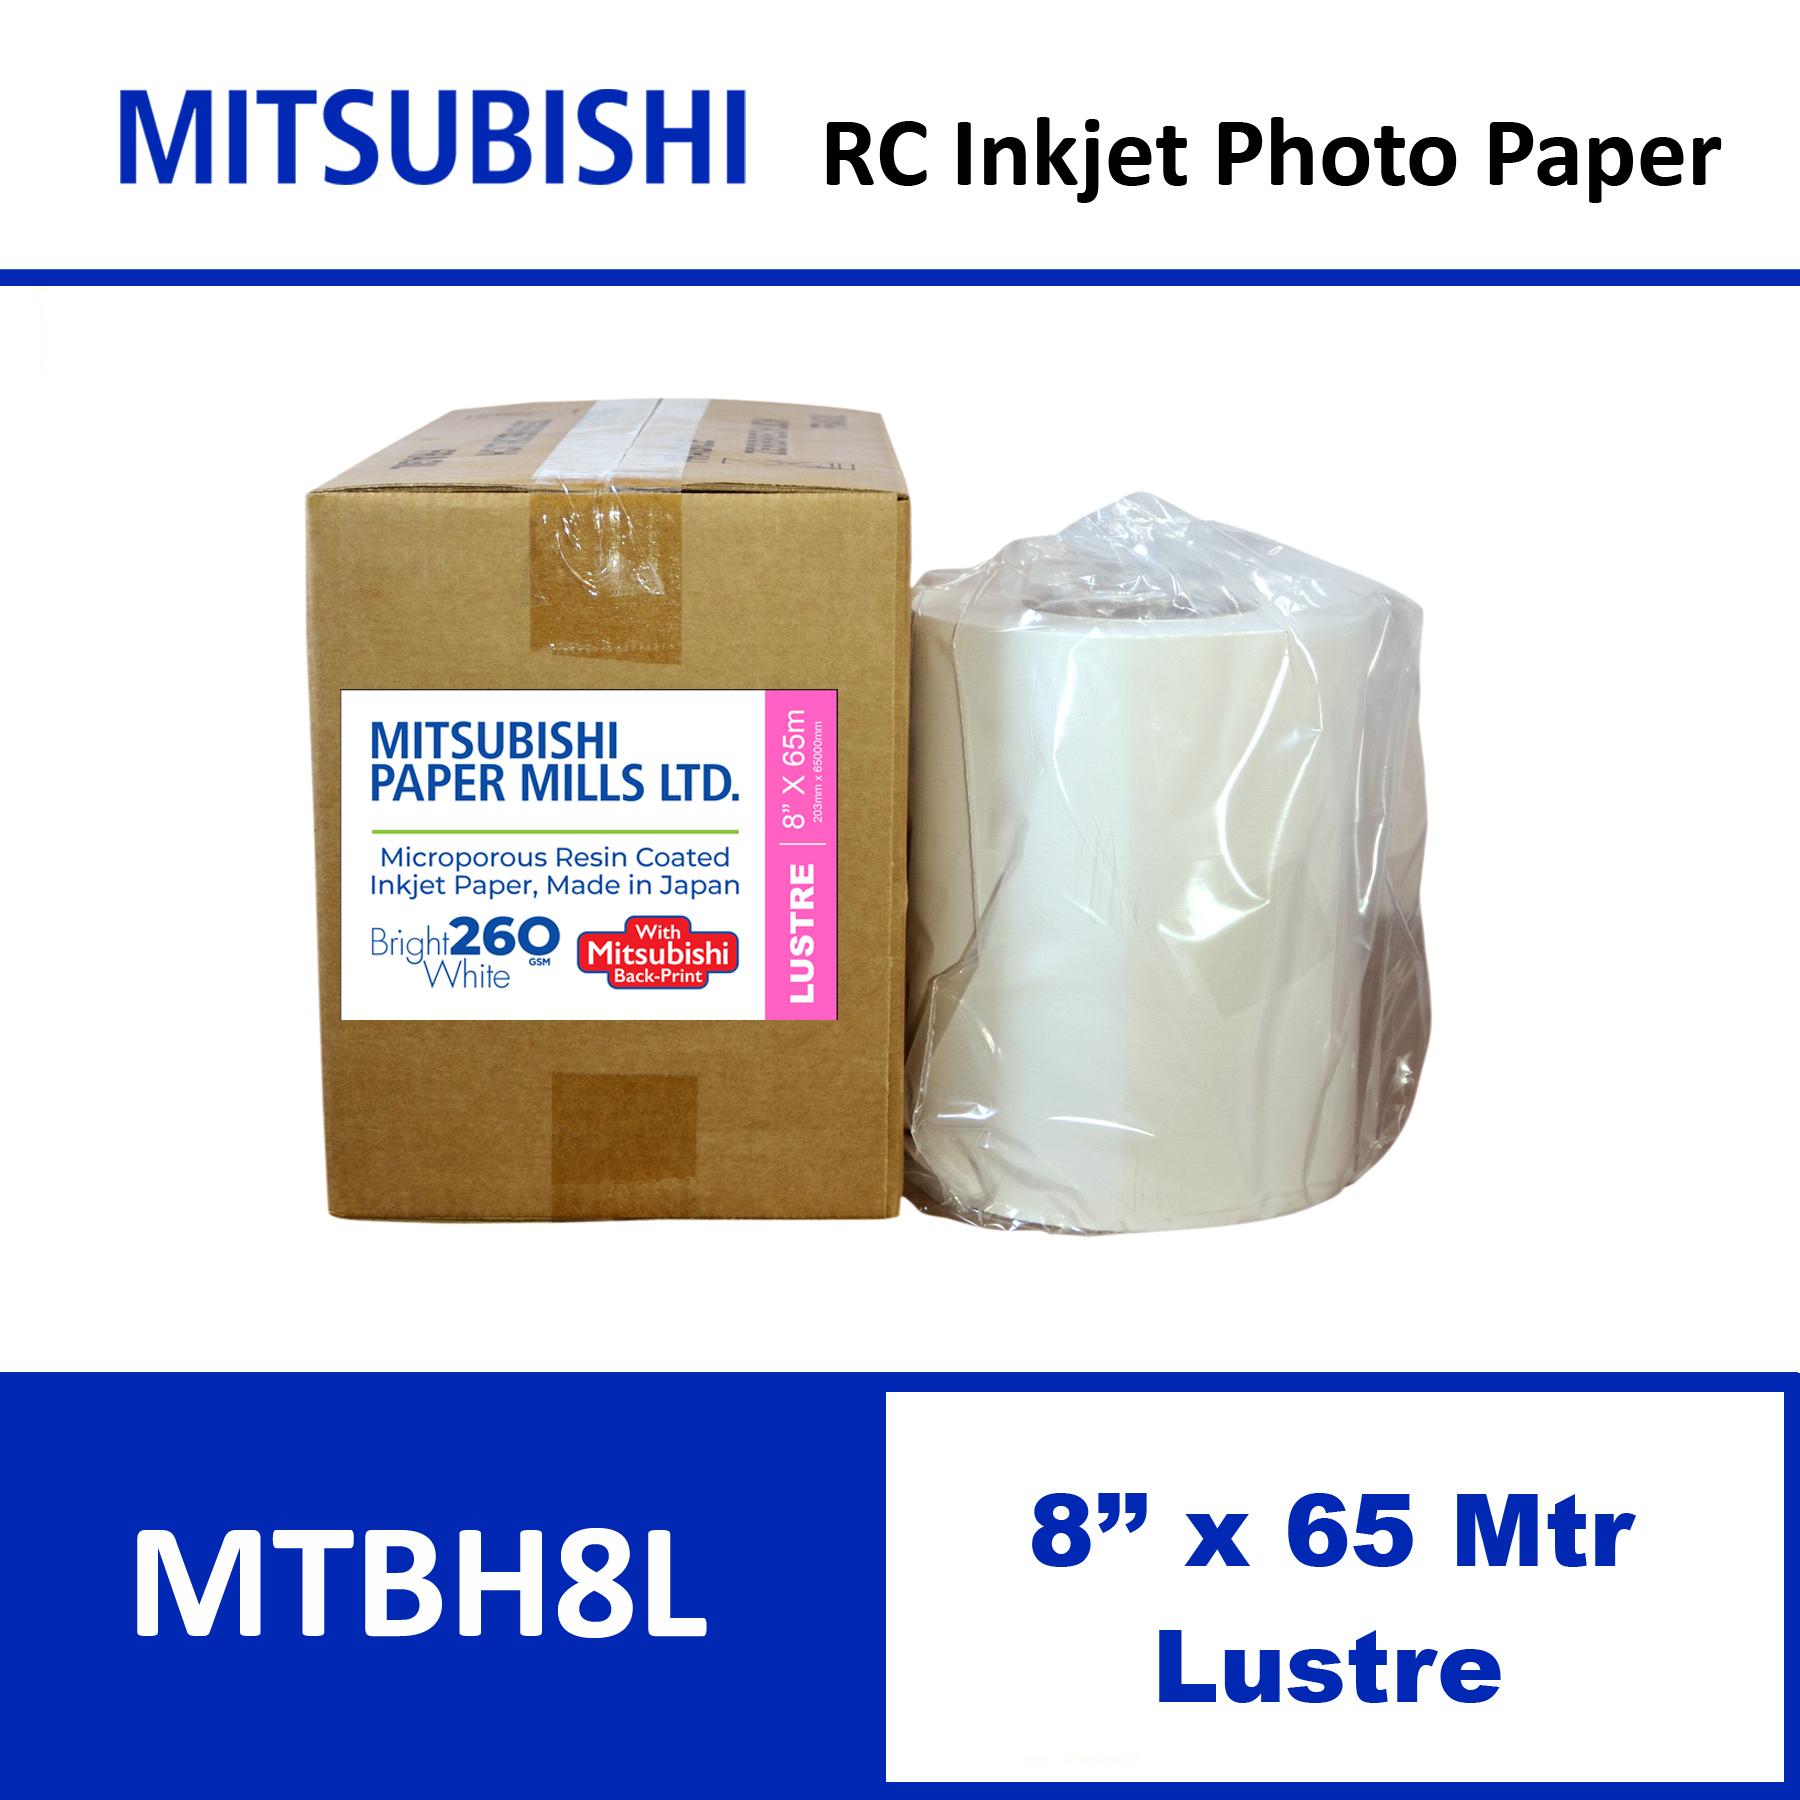 """Mitsubishi Inkjet RC Paper 8"""" x 65 Mtrs Lustre"""